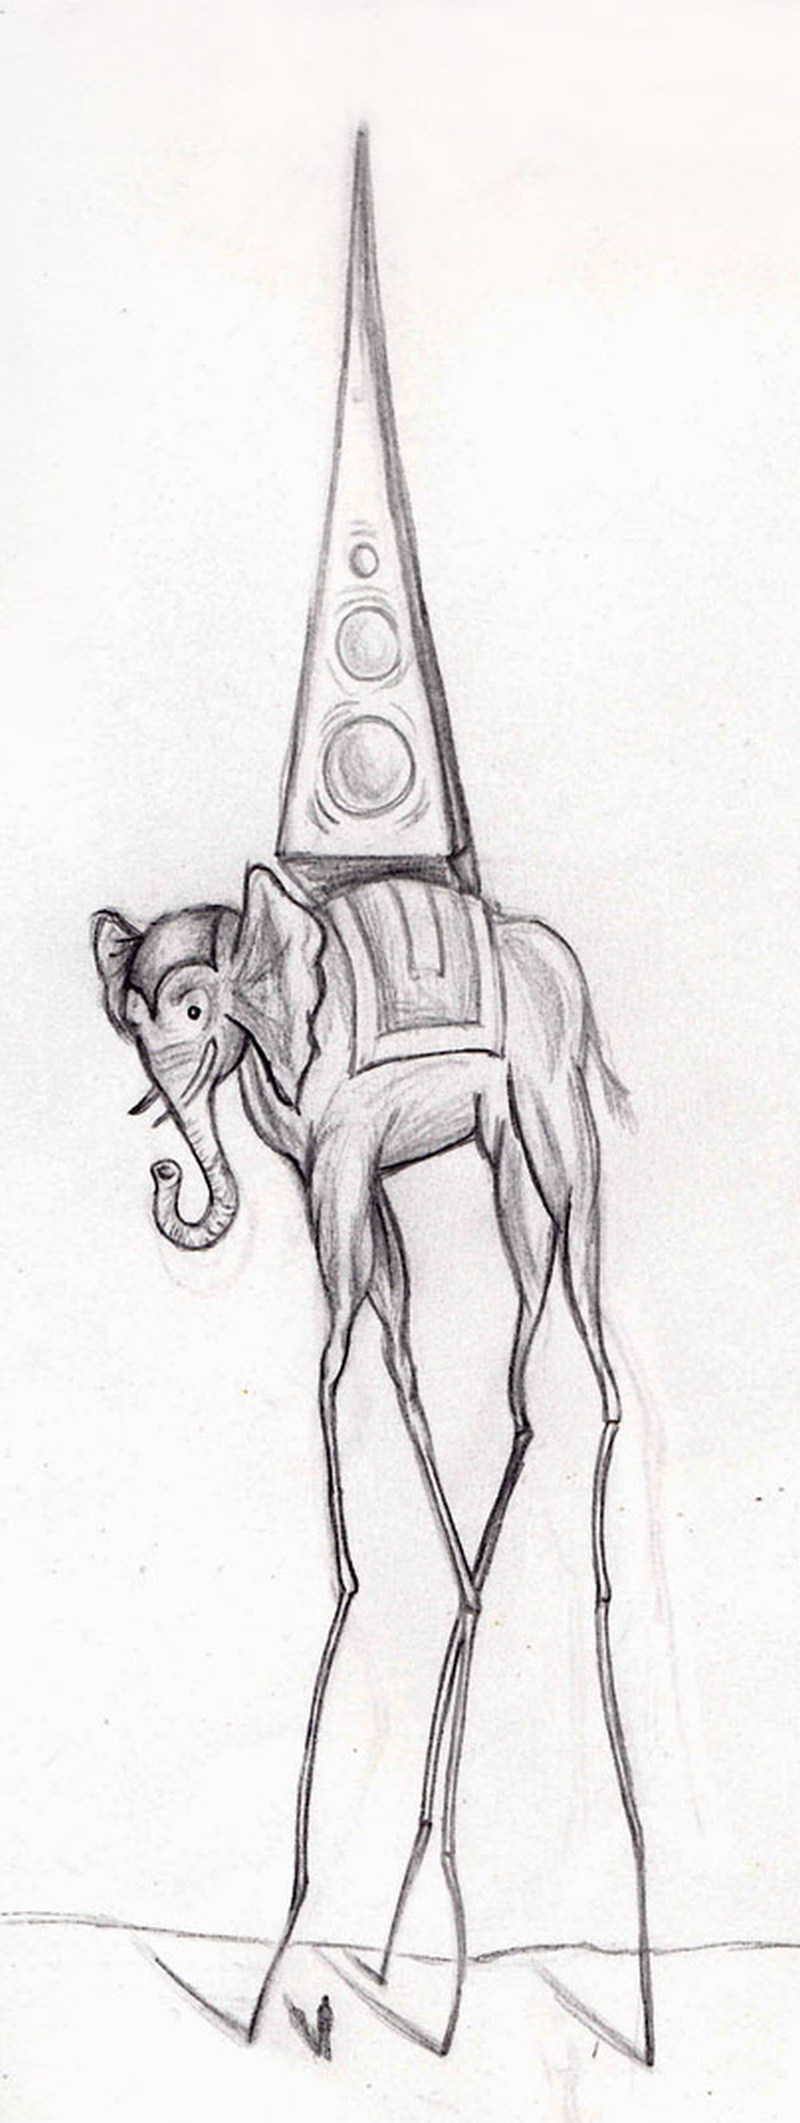 Dali elephant tattoo drawing